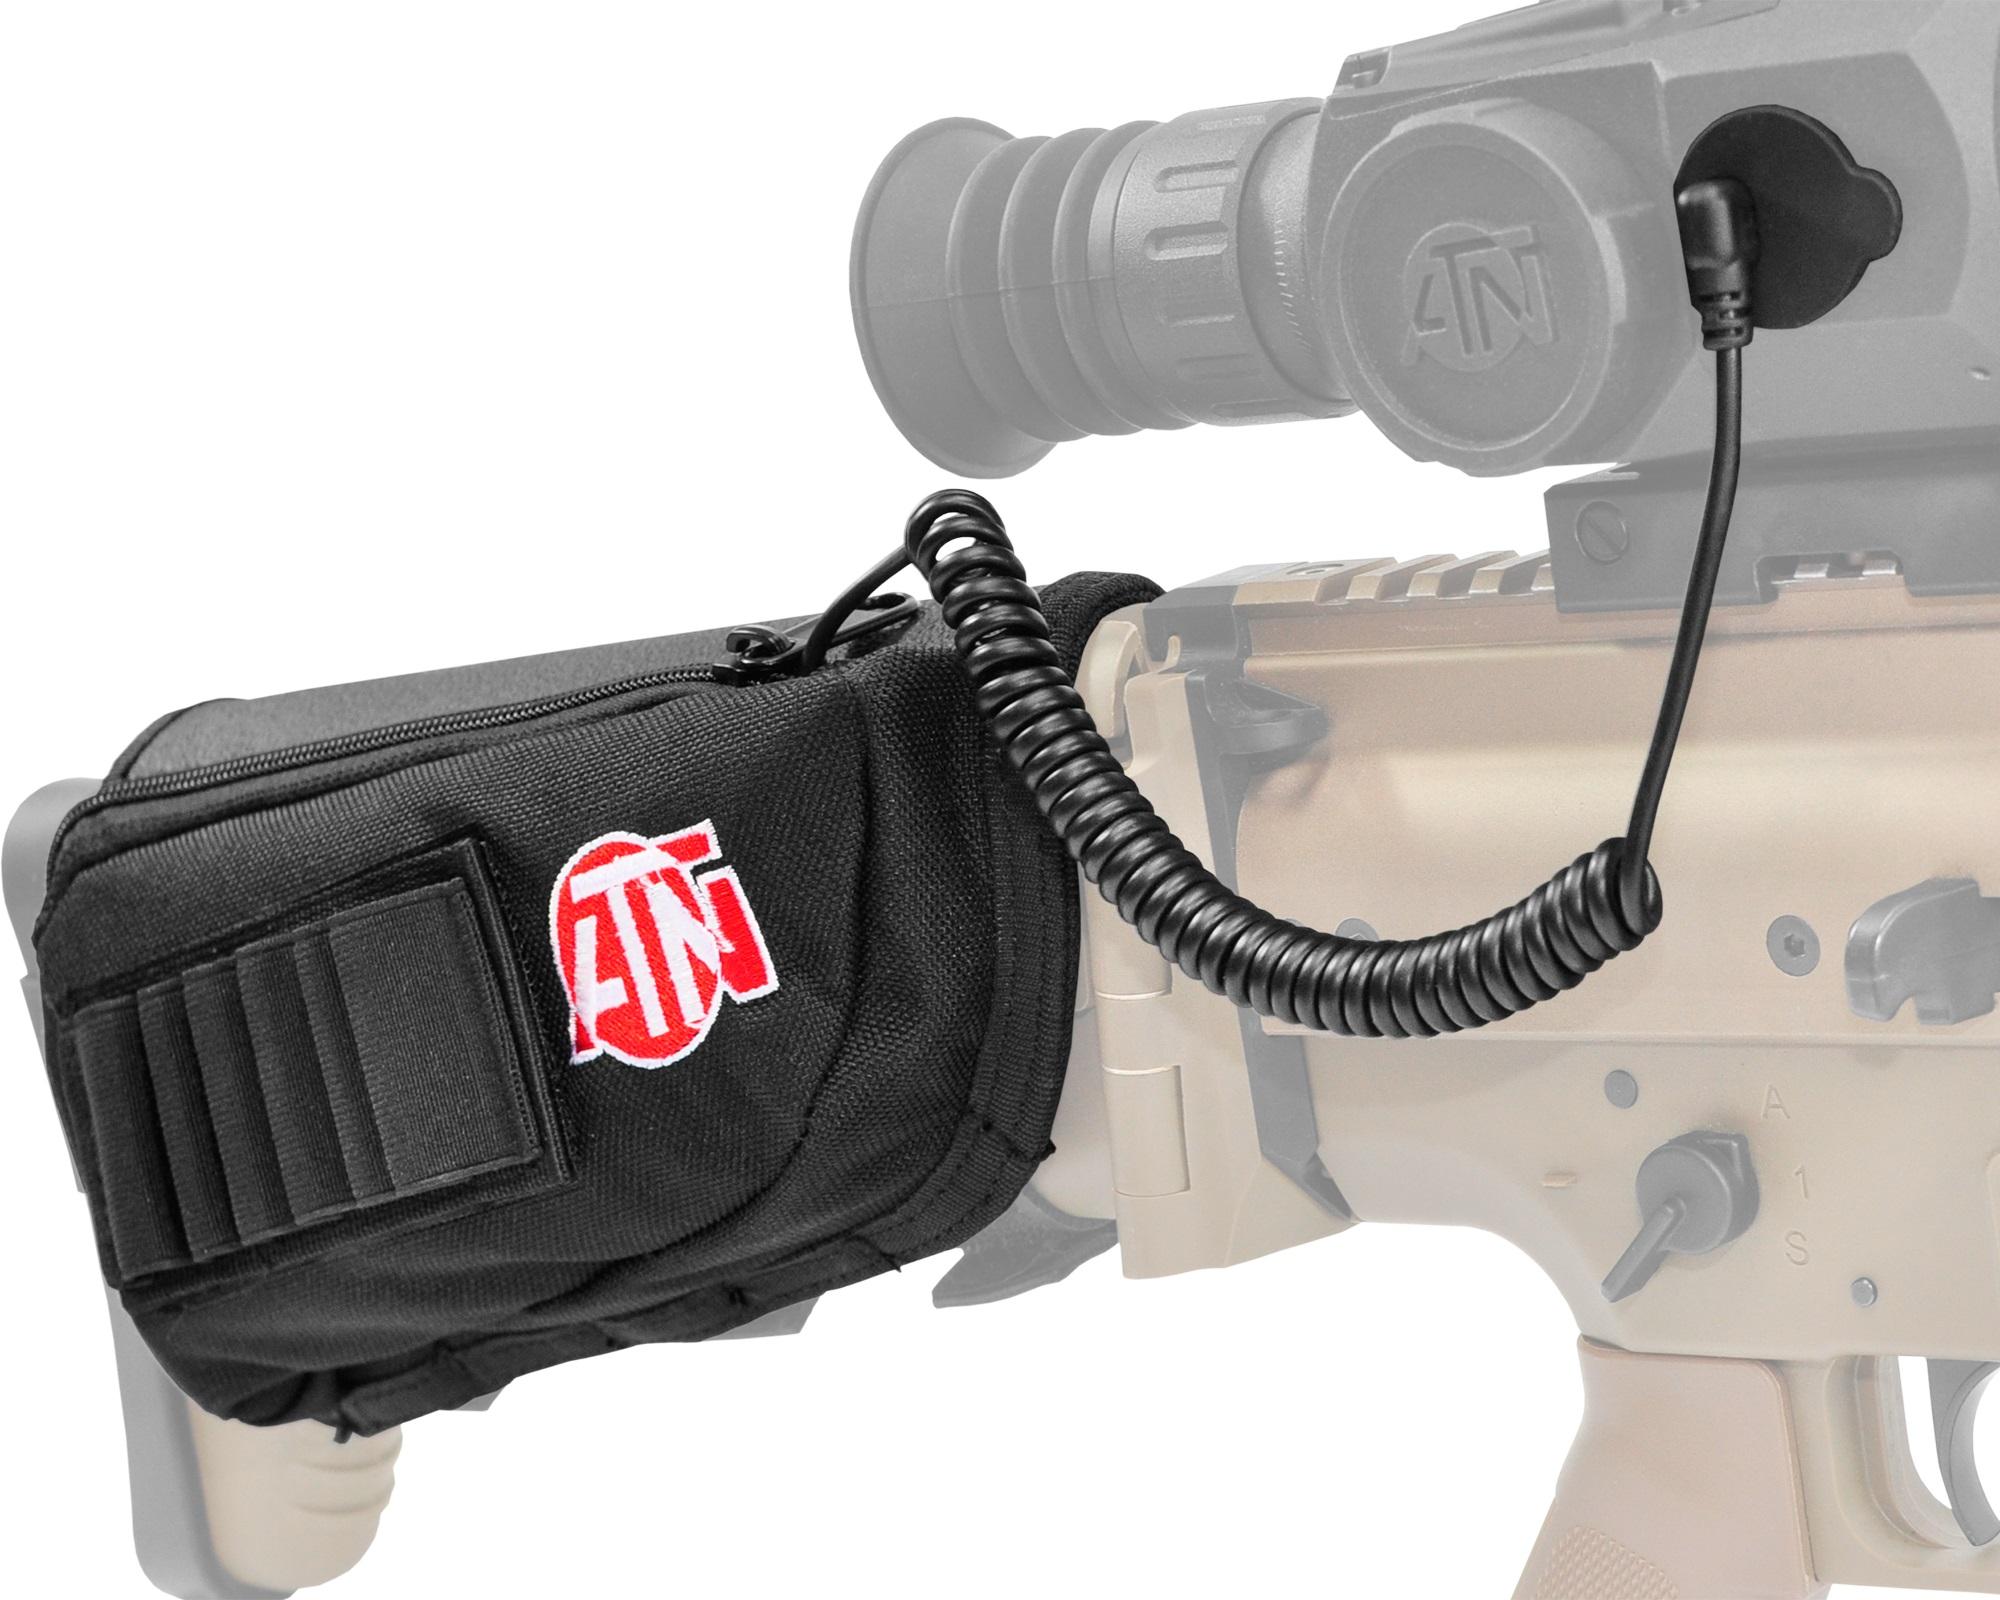 Портативная Батарея под прибор ATN ACMUBAT160 портативная аудиотехника